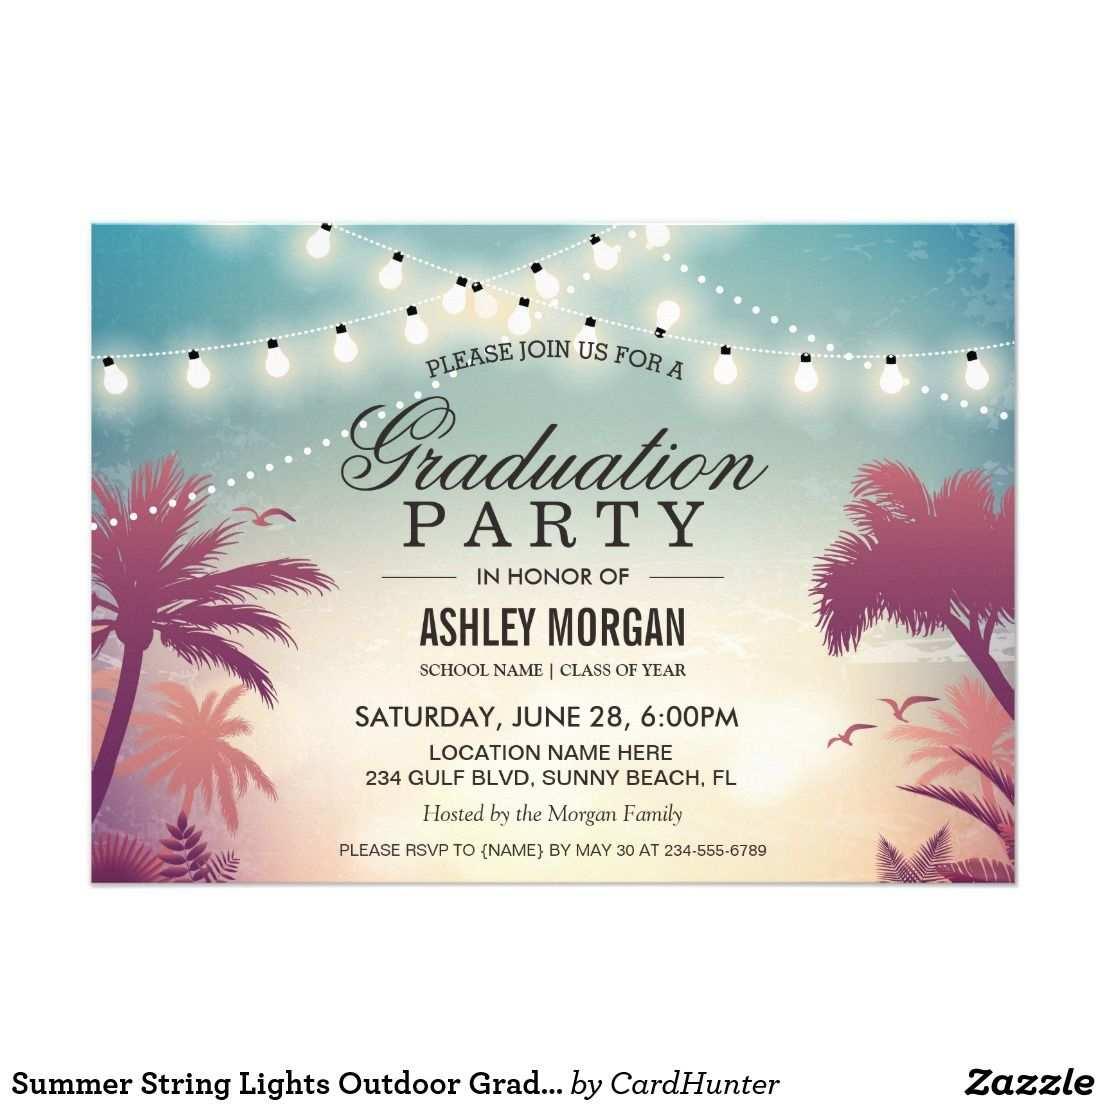 Sommersaitenlichter Aussenstudium Einladung Zazzle De